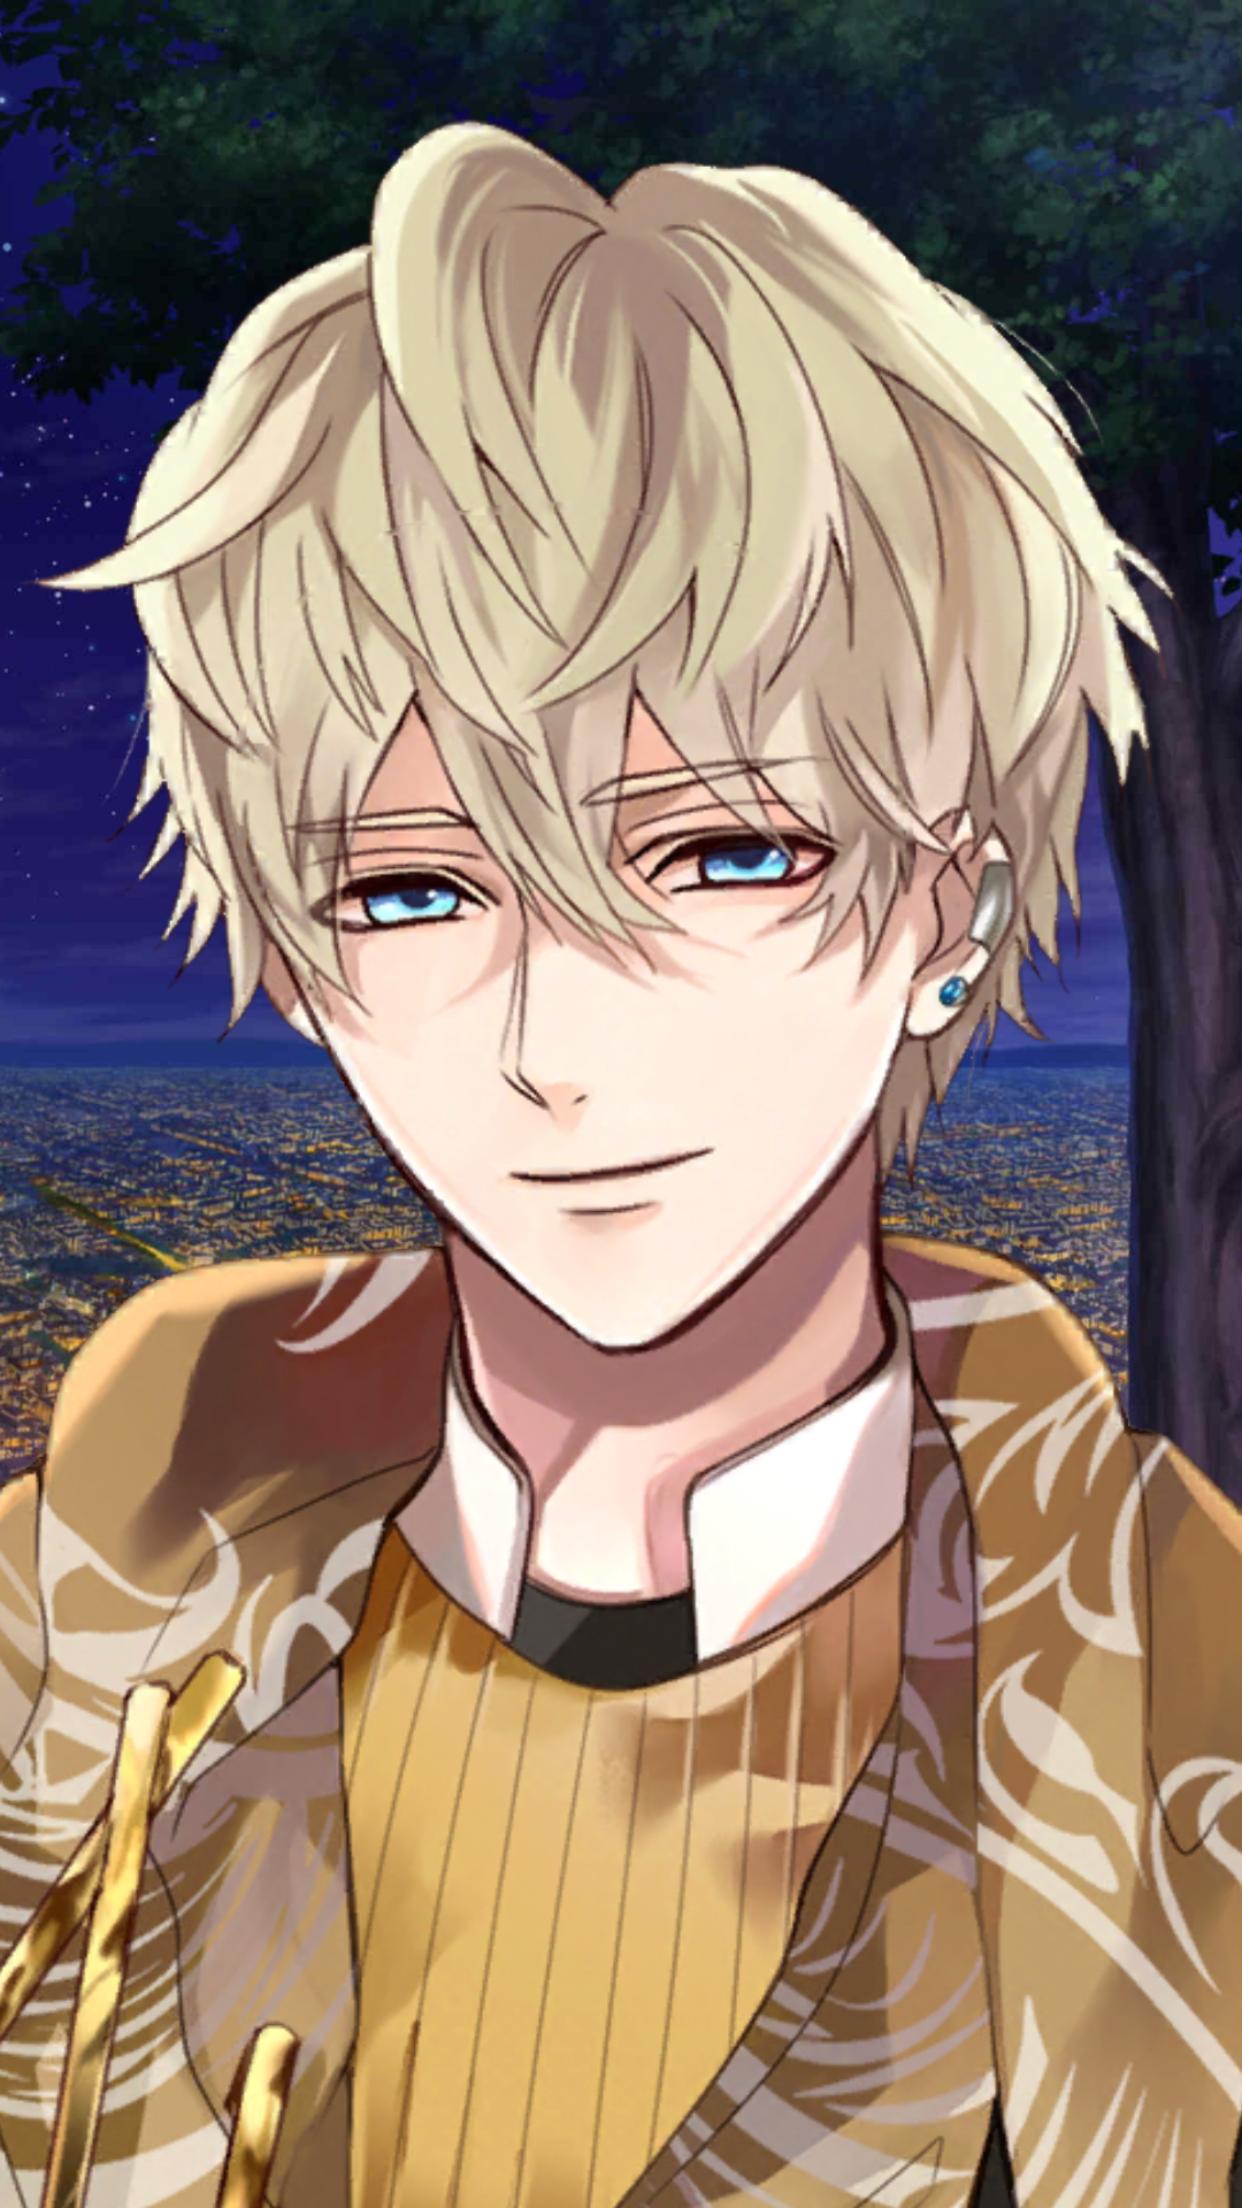 Ikemen Vampire Cute anime boy, Anime guys, Anime boy